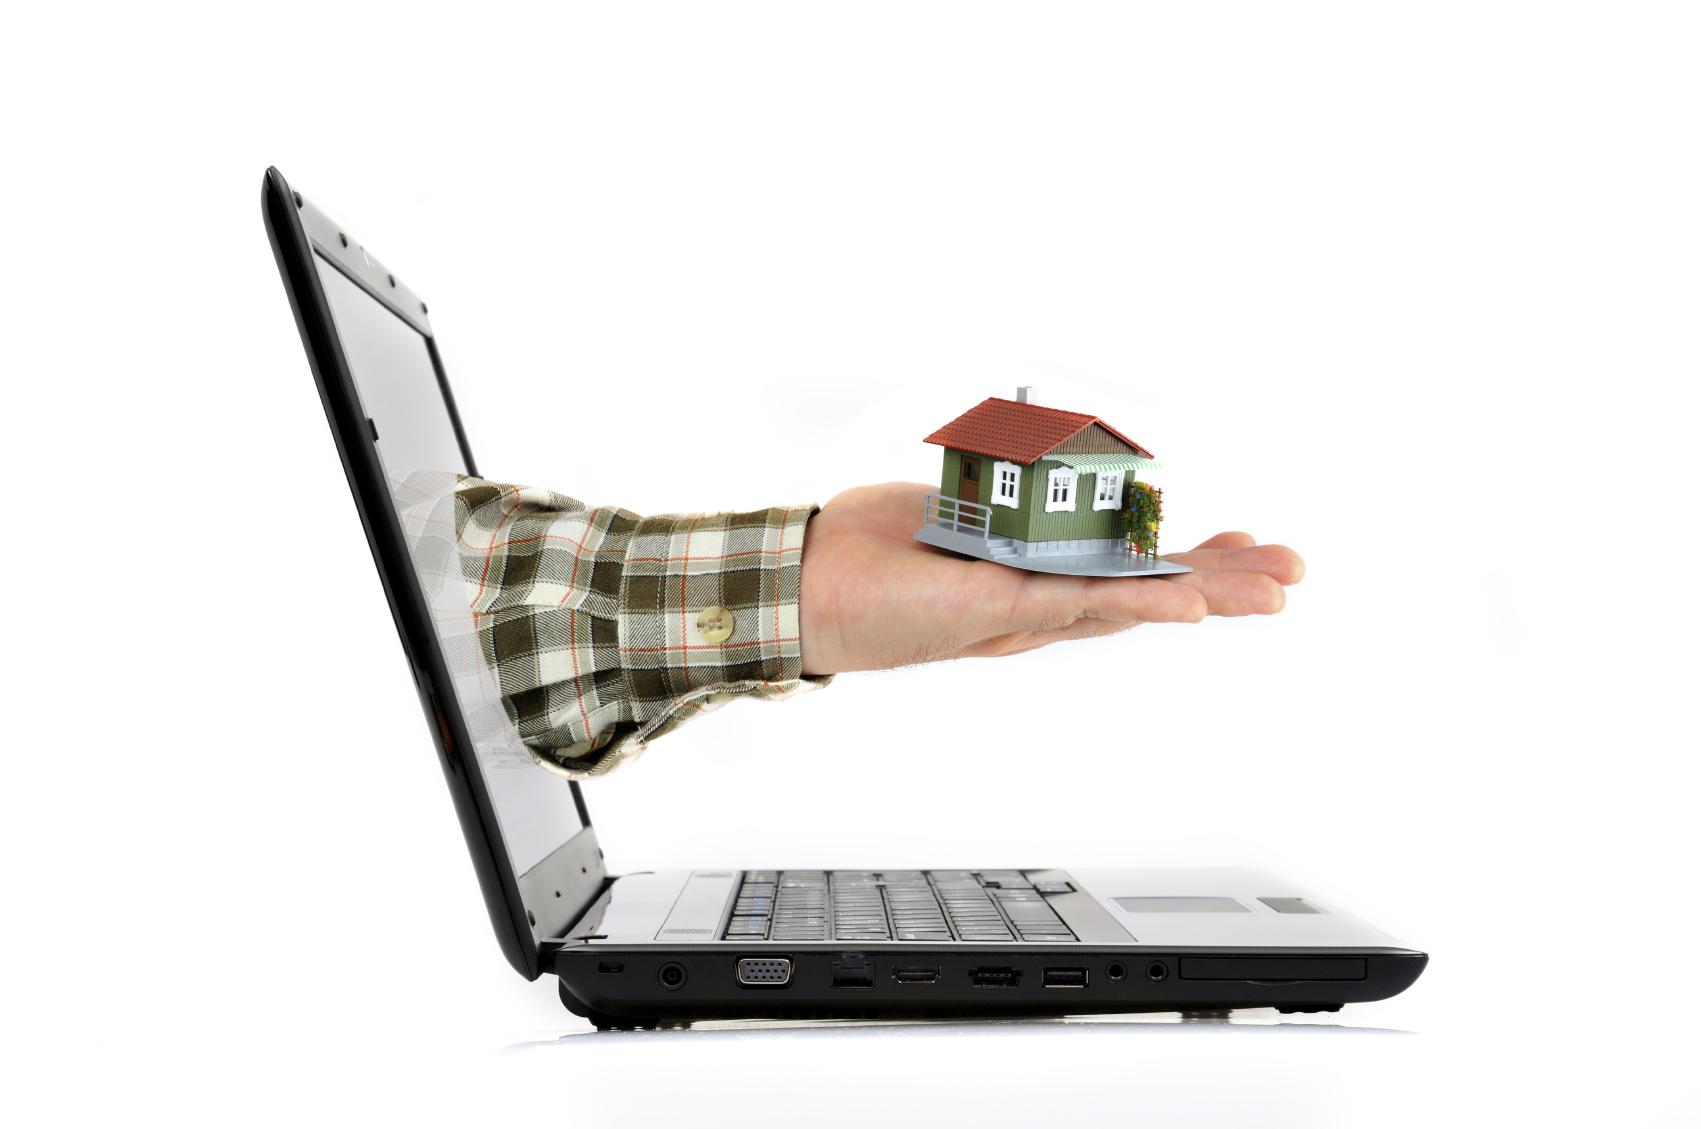 Annonce immobili re comment optimiser la vente de votre for Annonce immobiliere maison